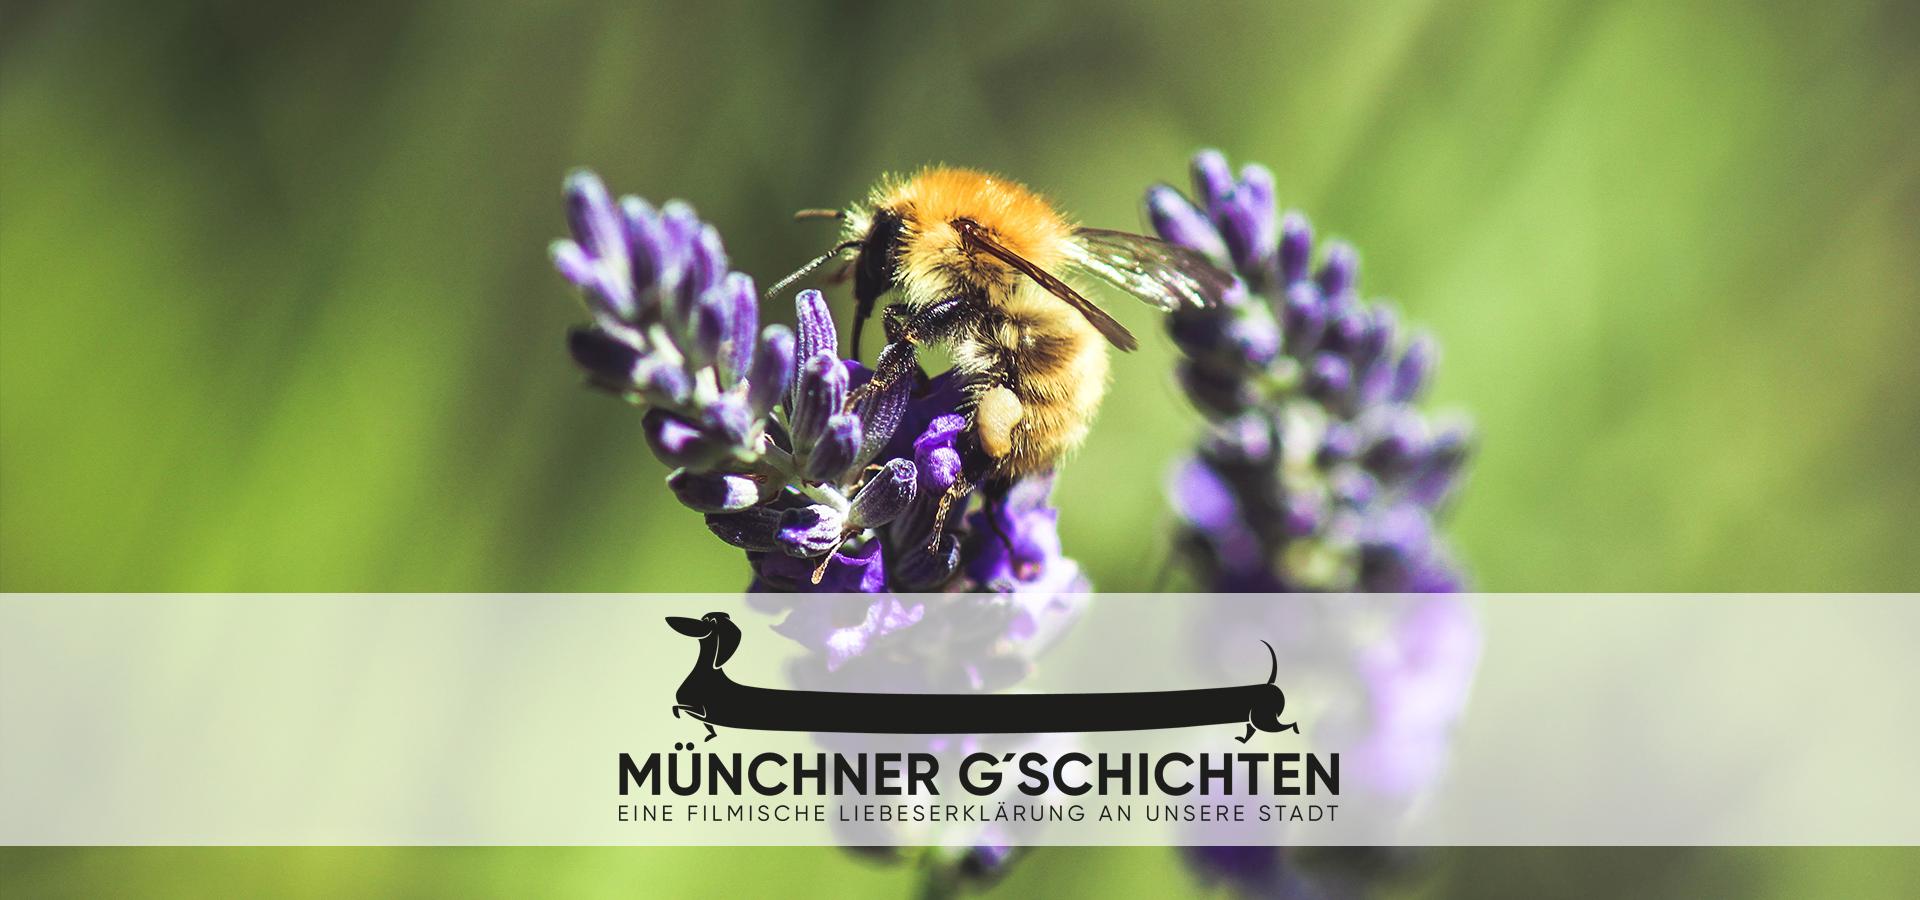 Ein Himmel voller Bienen - Ein Film der Münchner G'schichten